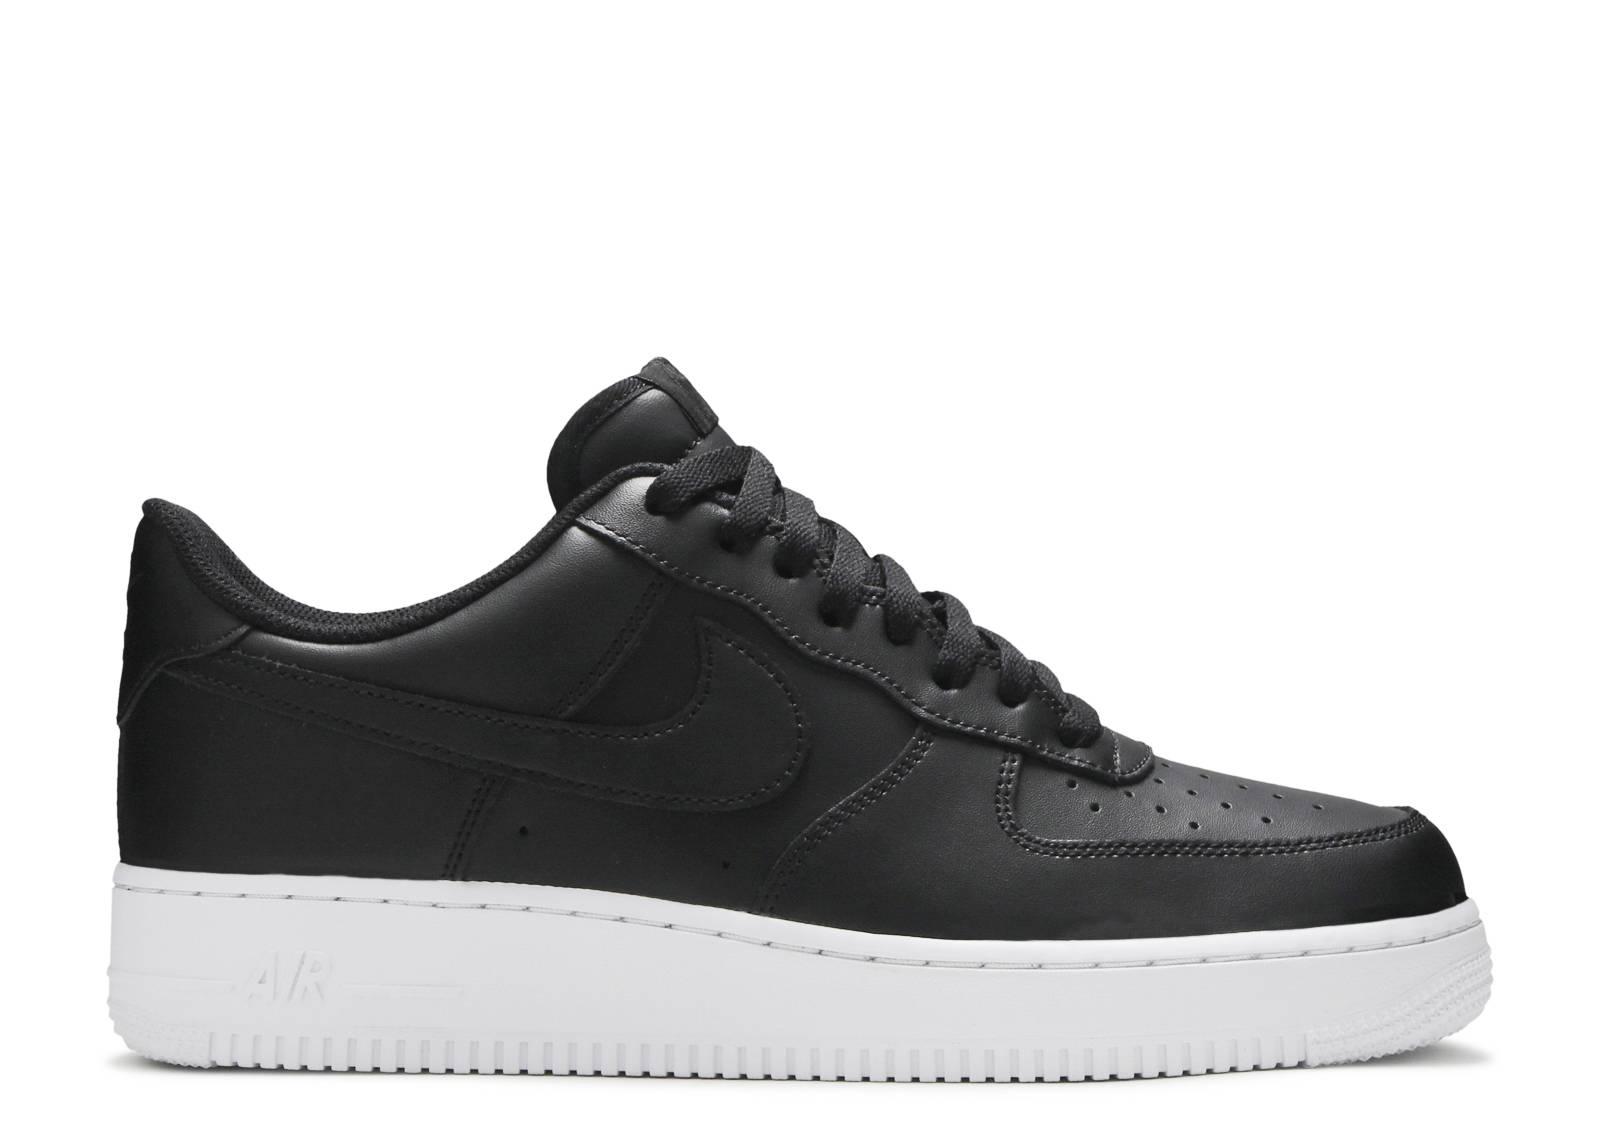 Nike Air Force 1 '07 Black Black White AA4083 015 | Bruut